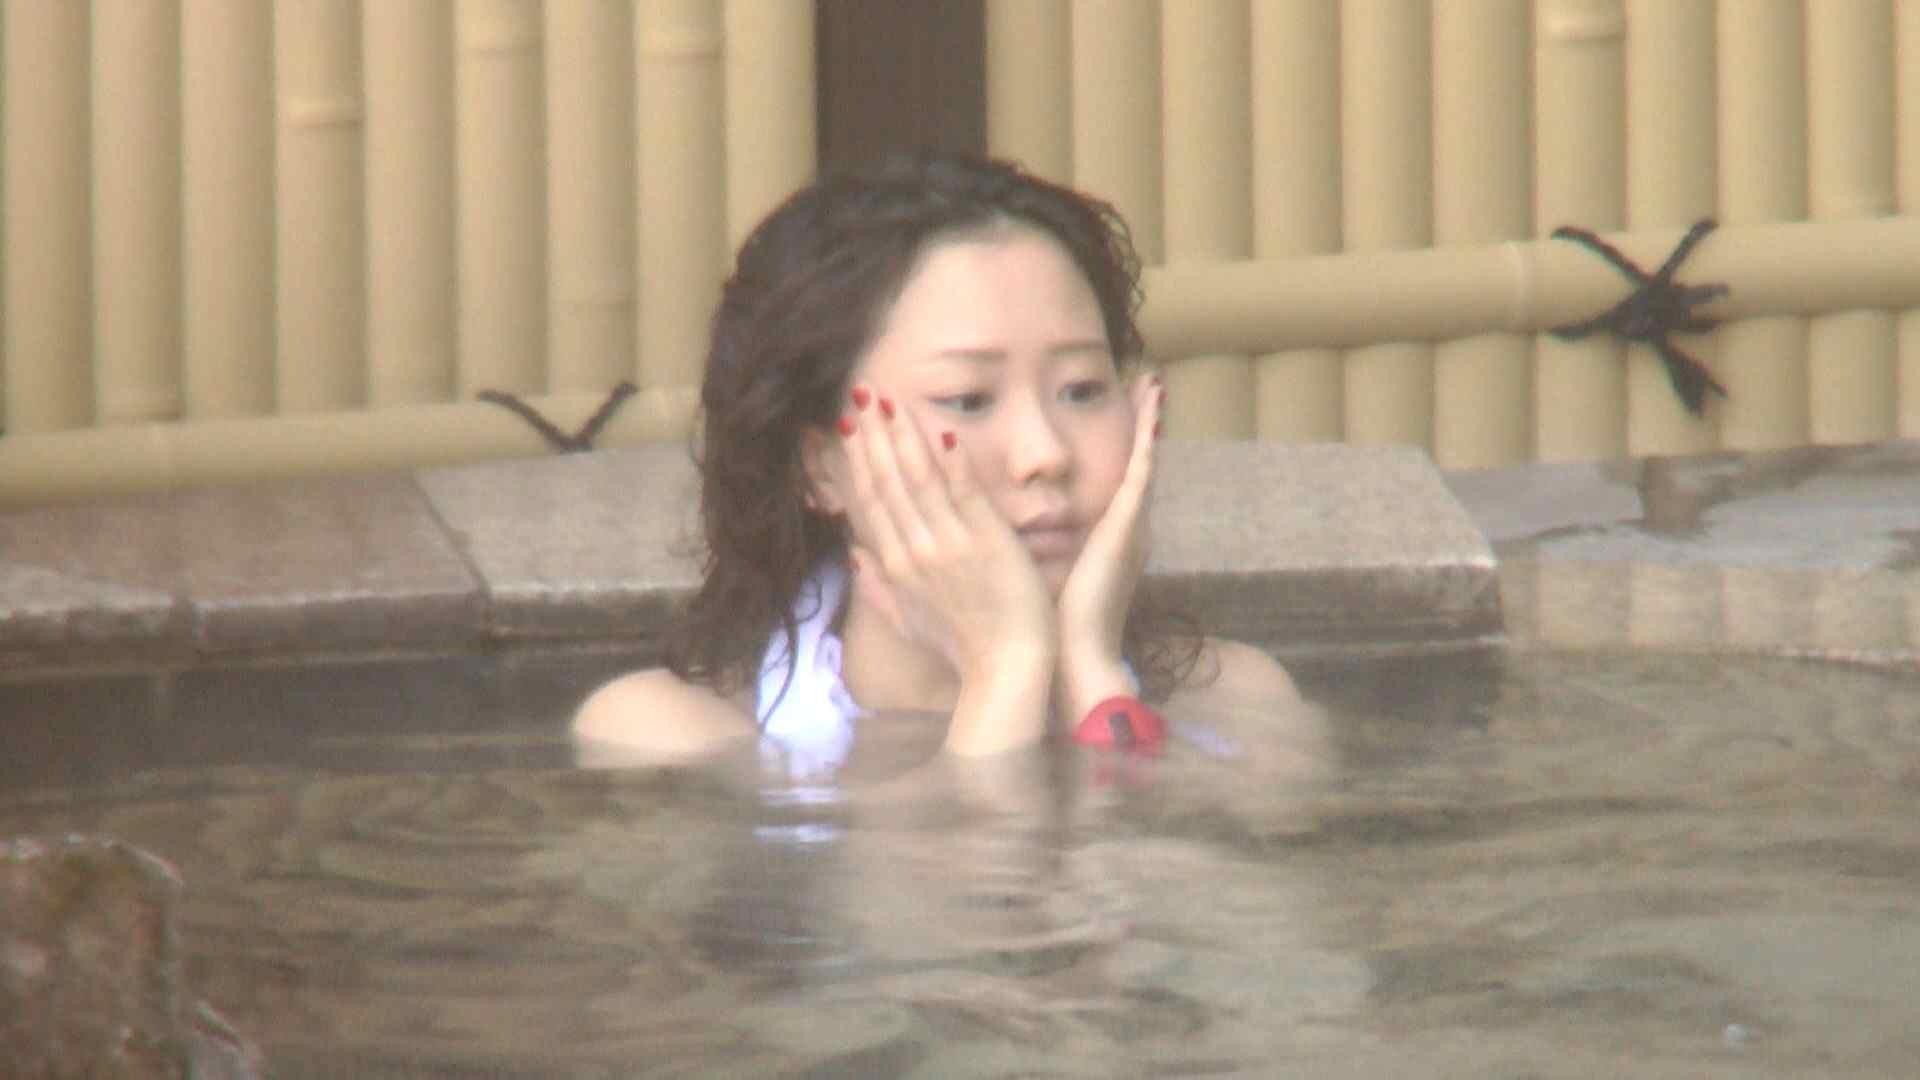 Aquaな露天風呂Vol.211 OLのエロ生活  91連発 21